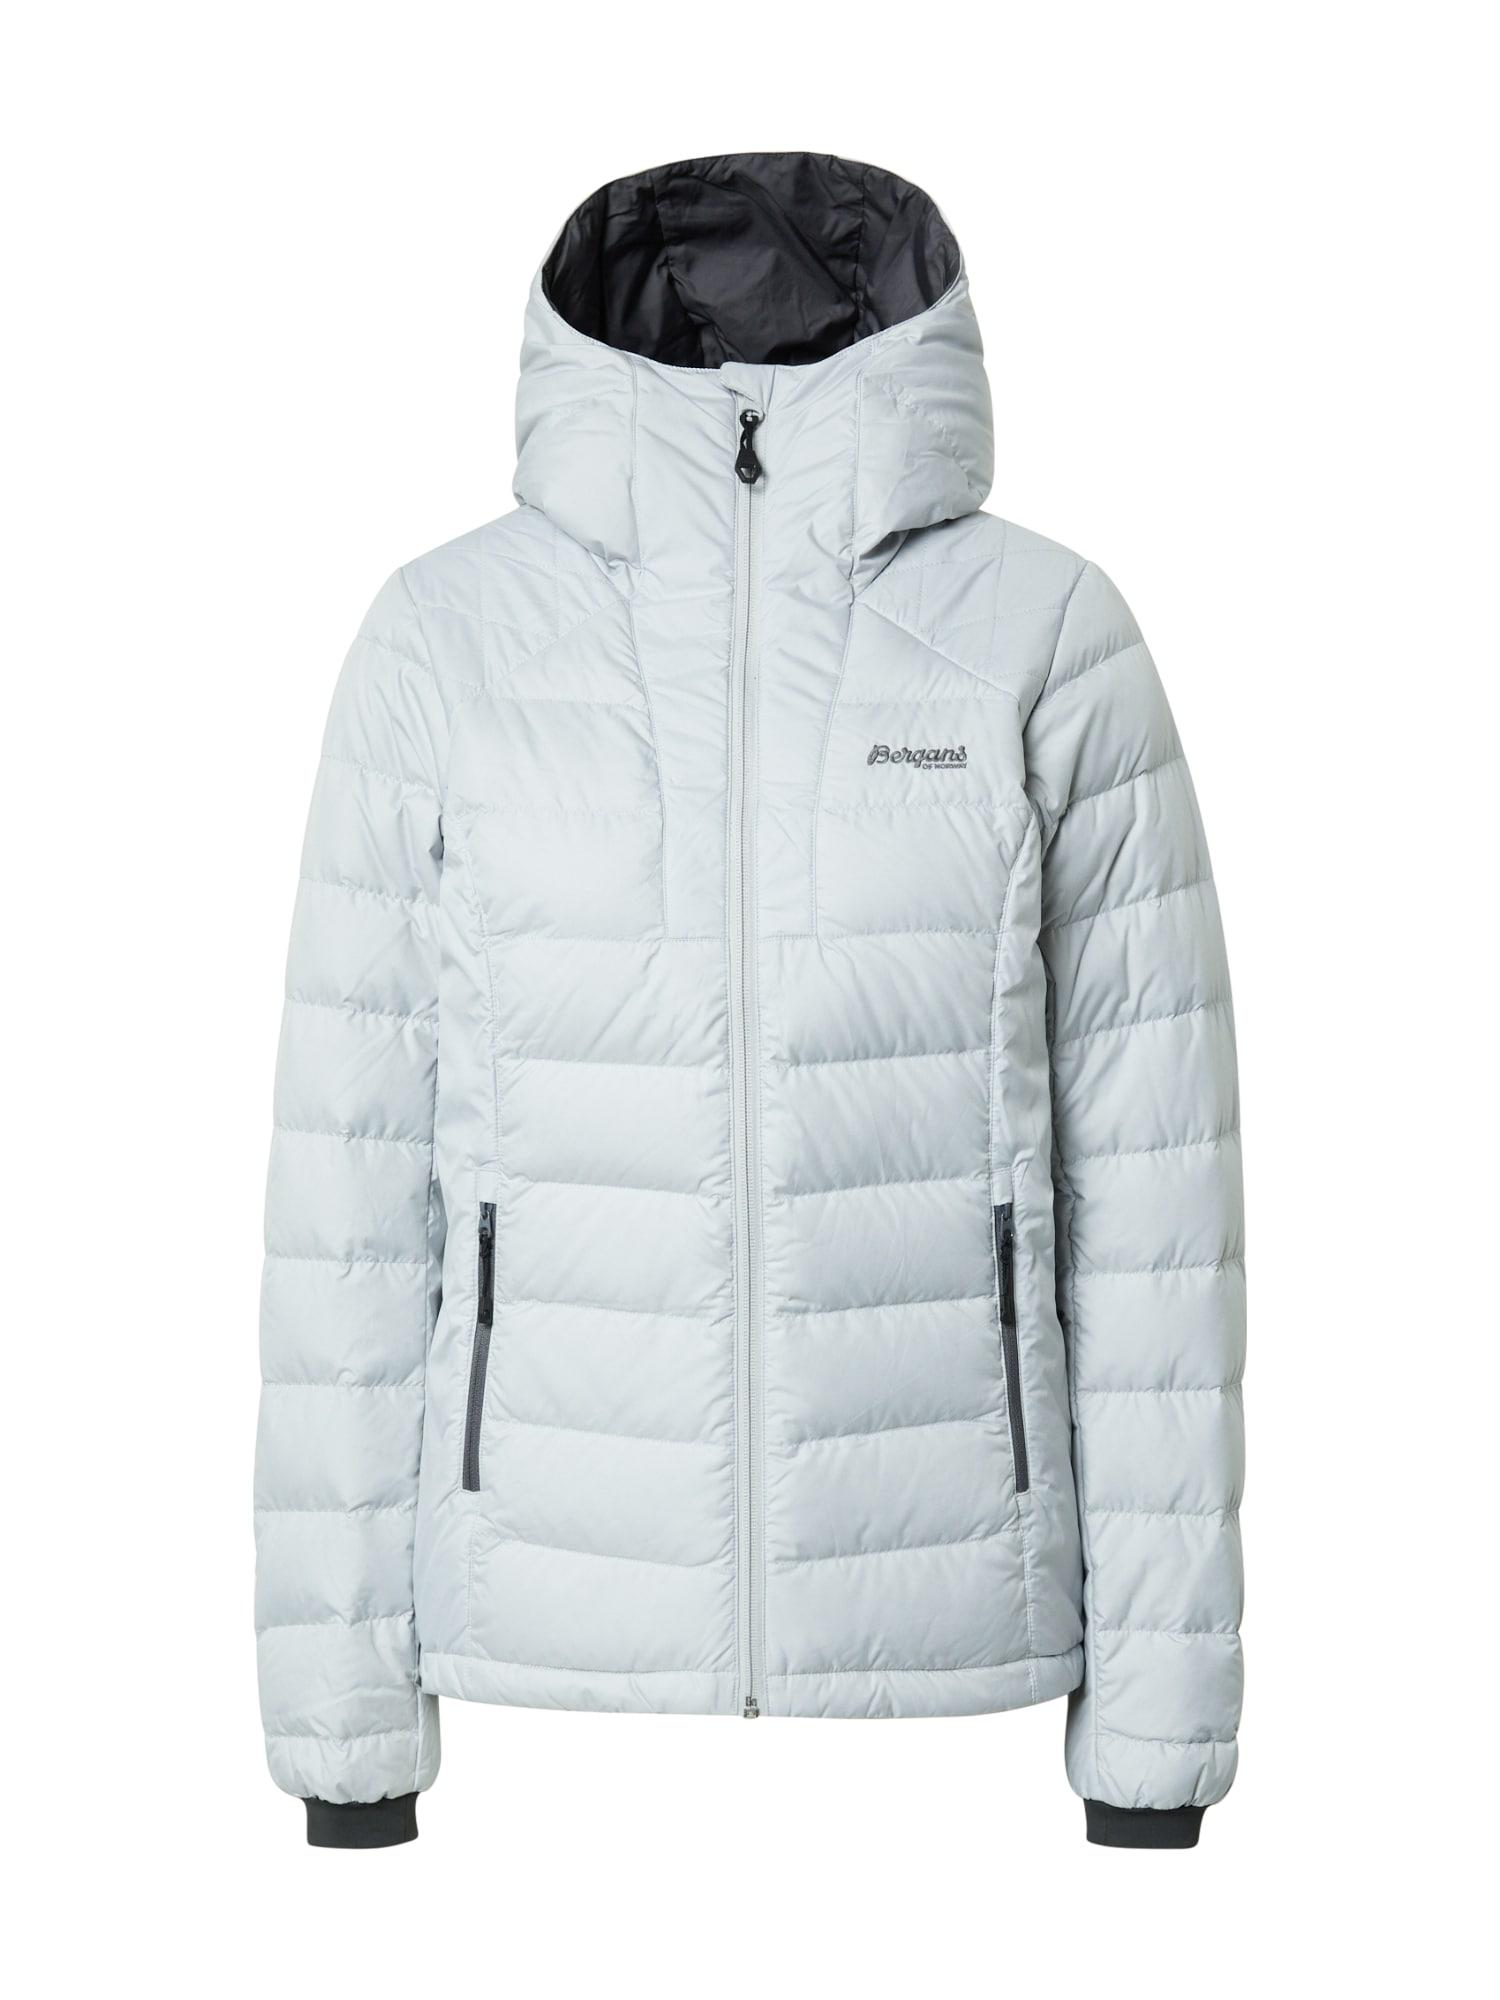 Bergans Žieminė striukė šviesiai pilka